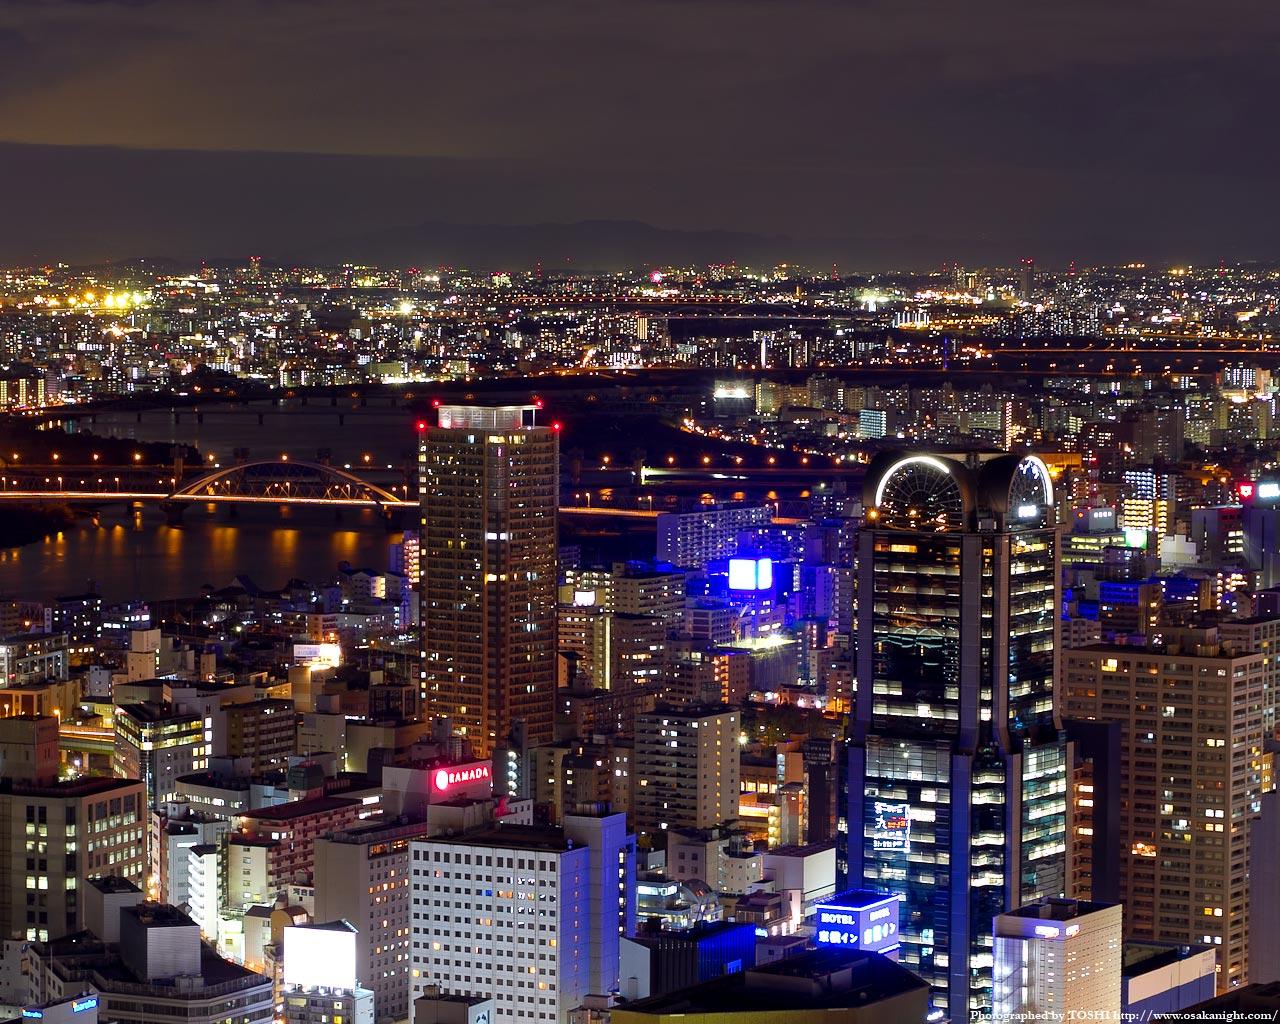 淀川水系摂津〜寝屋川方面の夜景